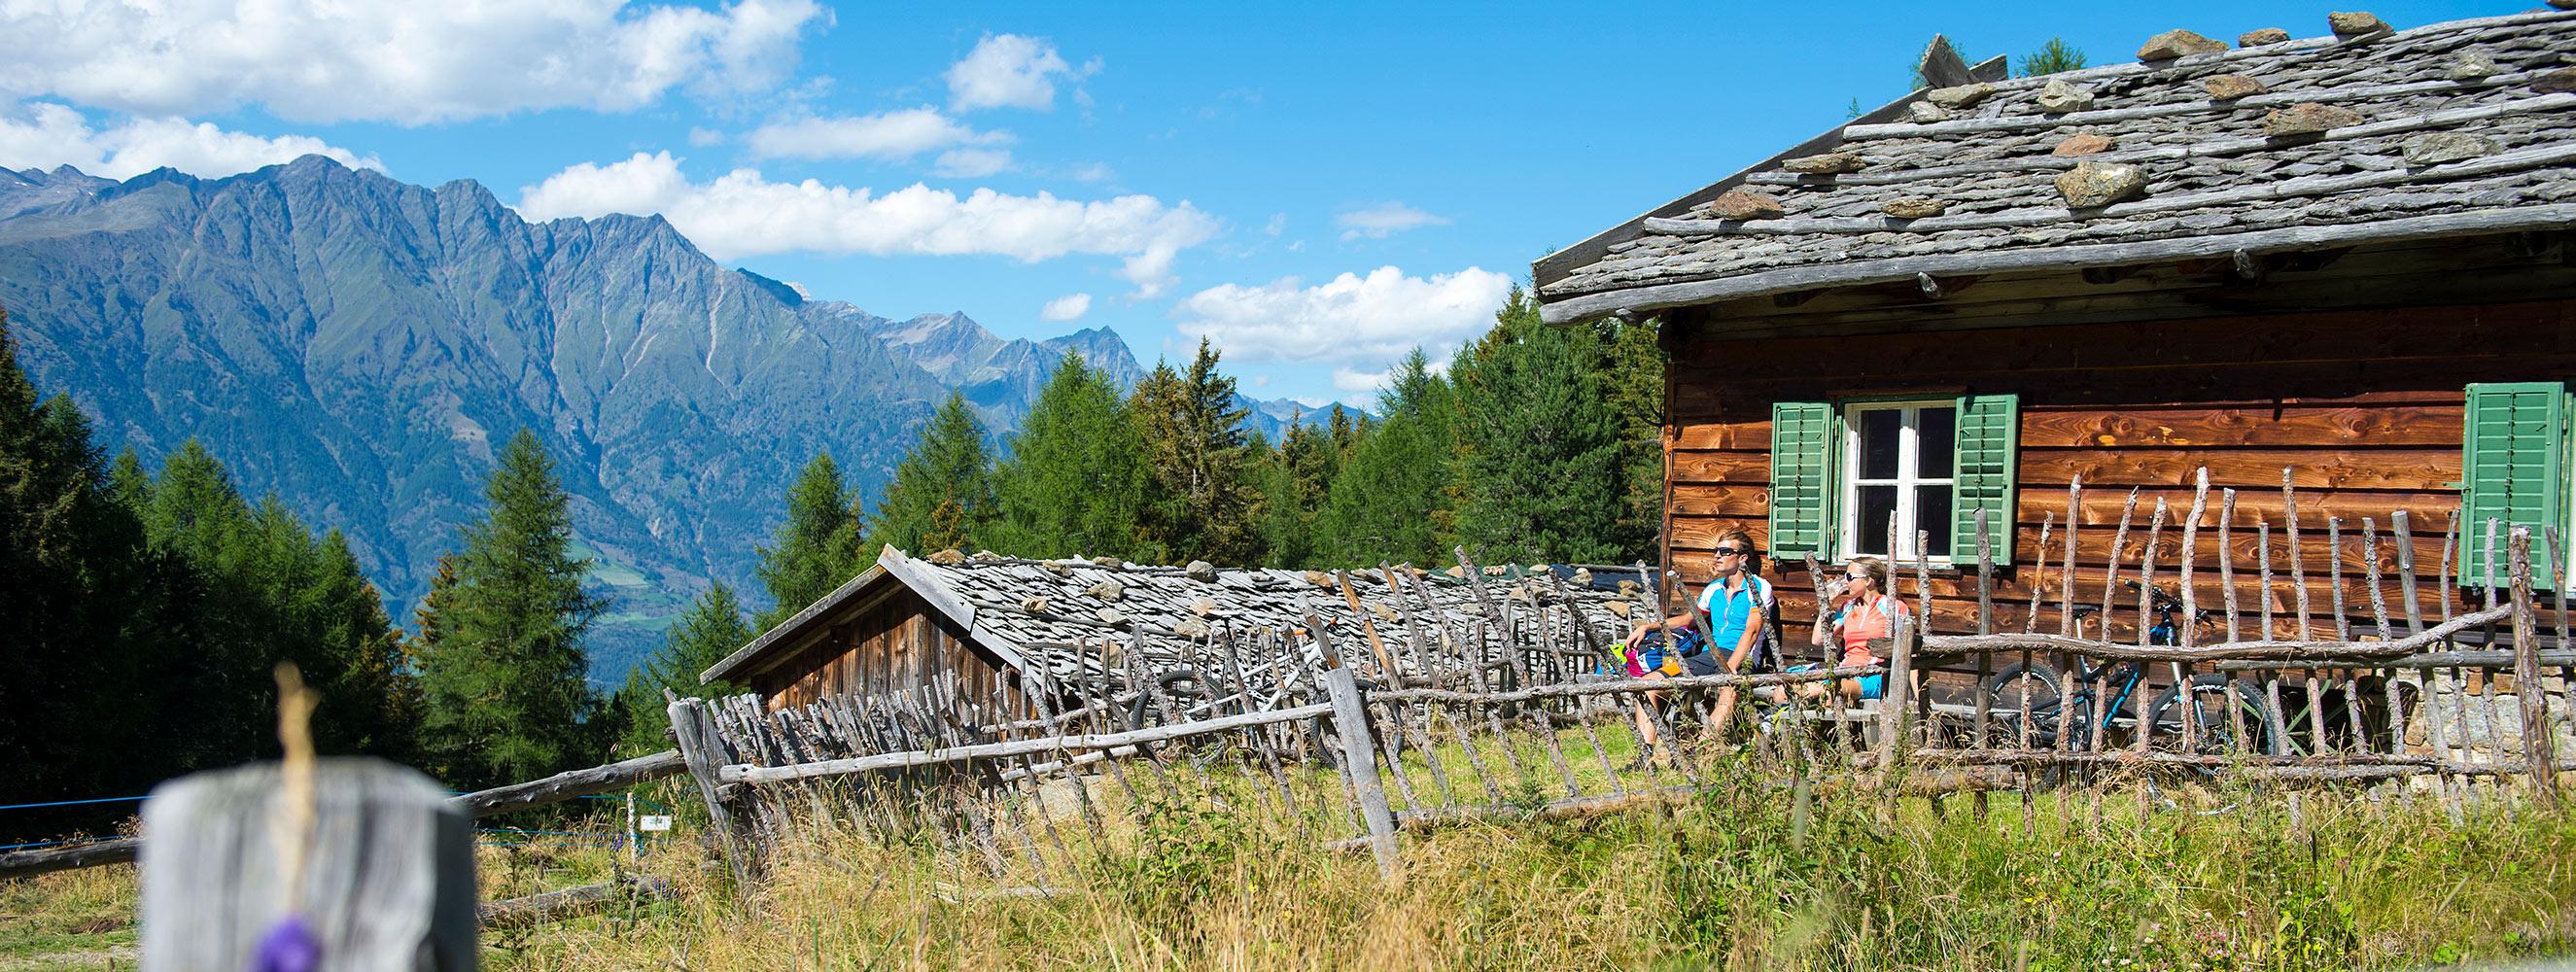 Estate nel maso Innerunterstellhof a Naturno in Alto Adige